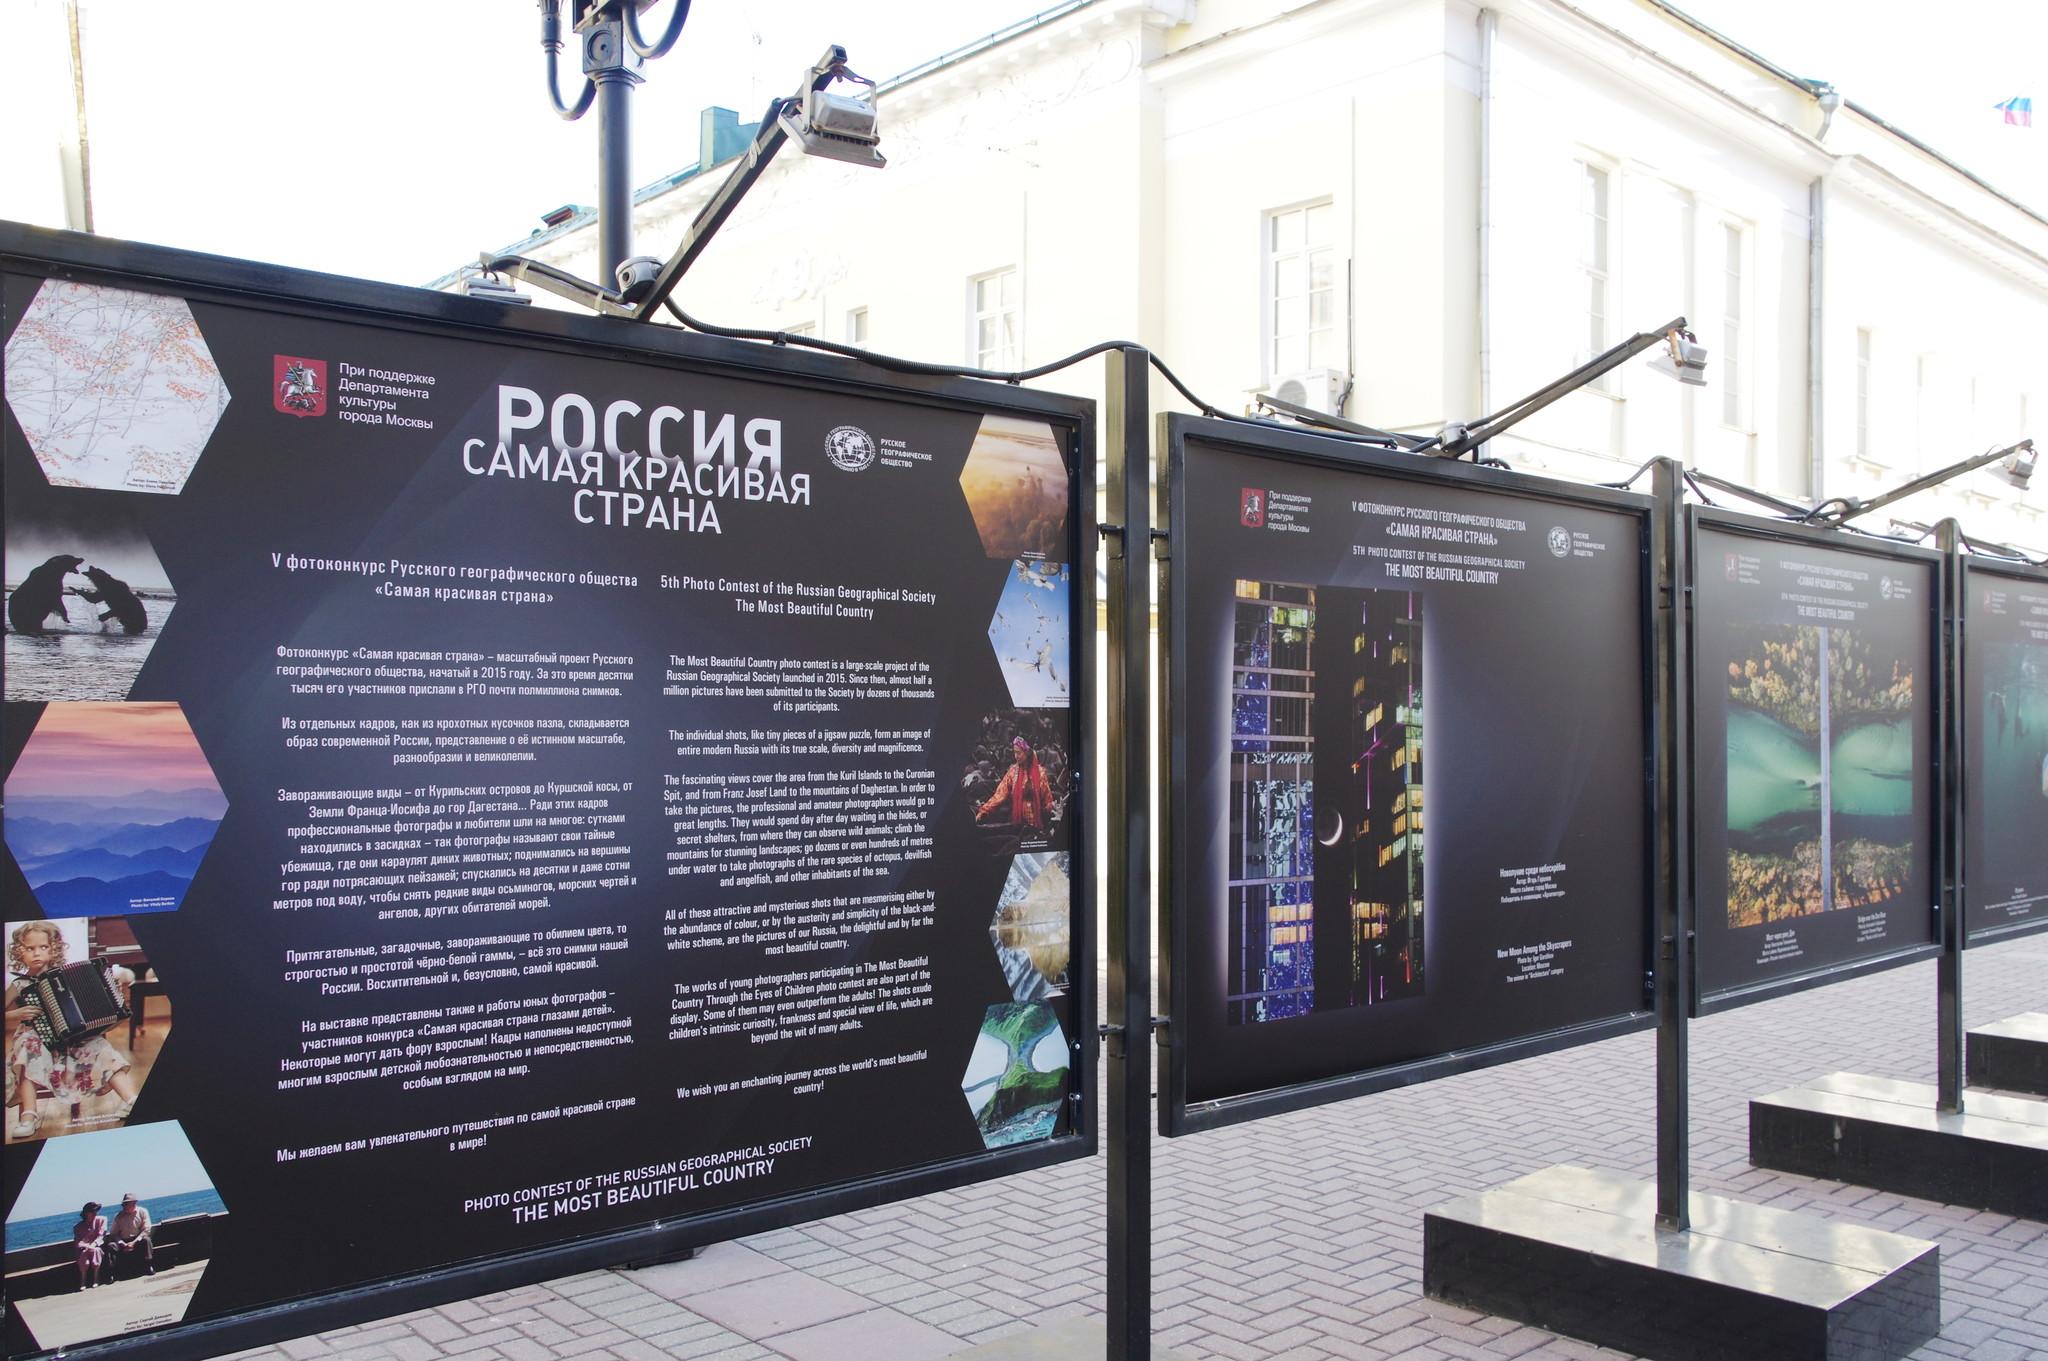 Выставка работ победителей и финалистов V фотоконкурса Русского географического общества «Самая красивая страна» на улице Арбат